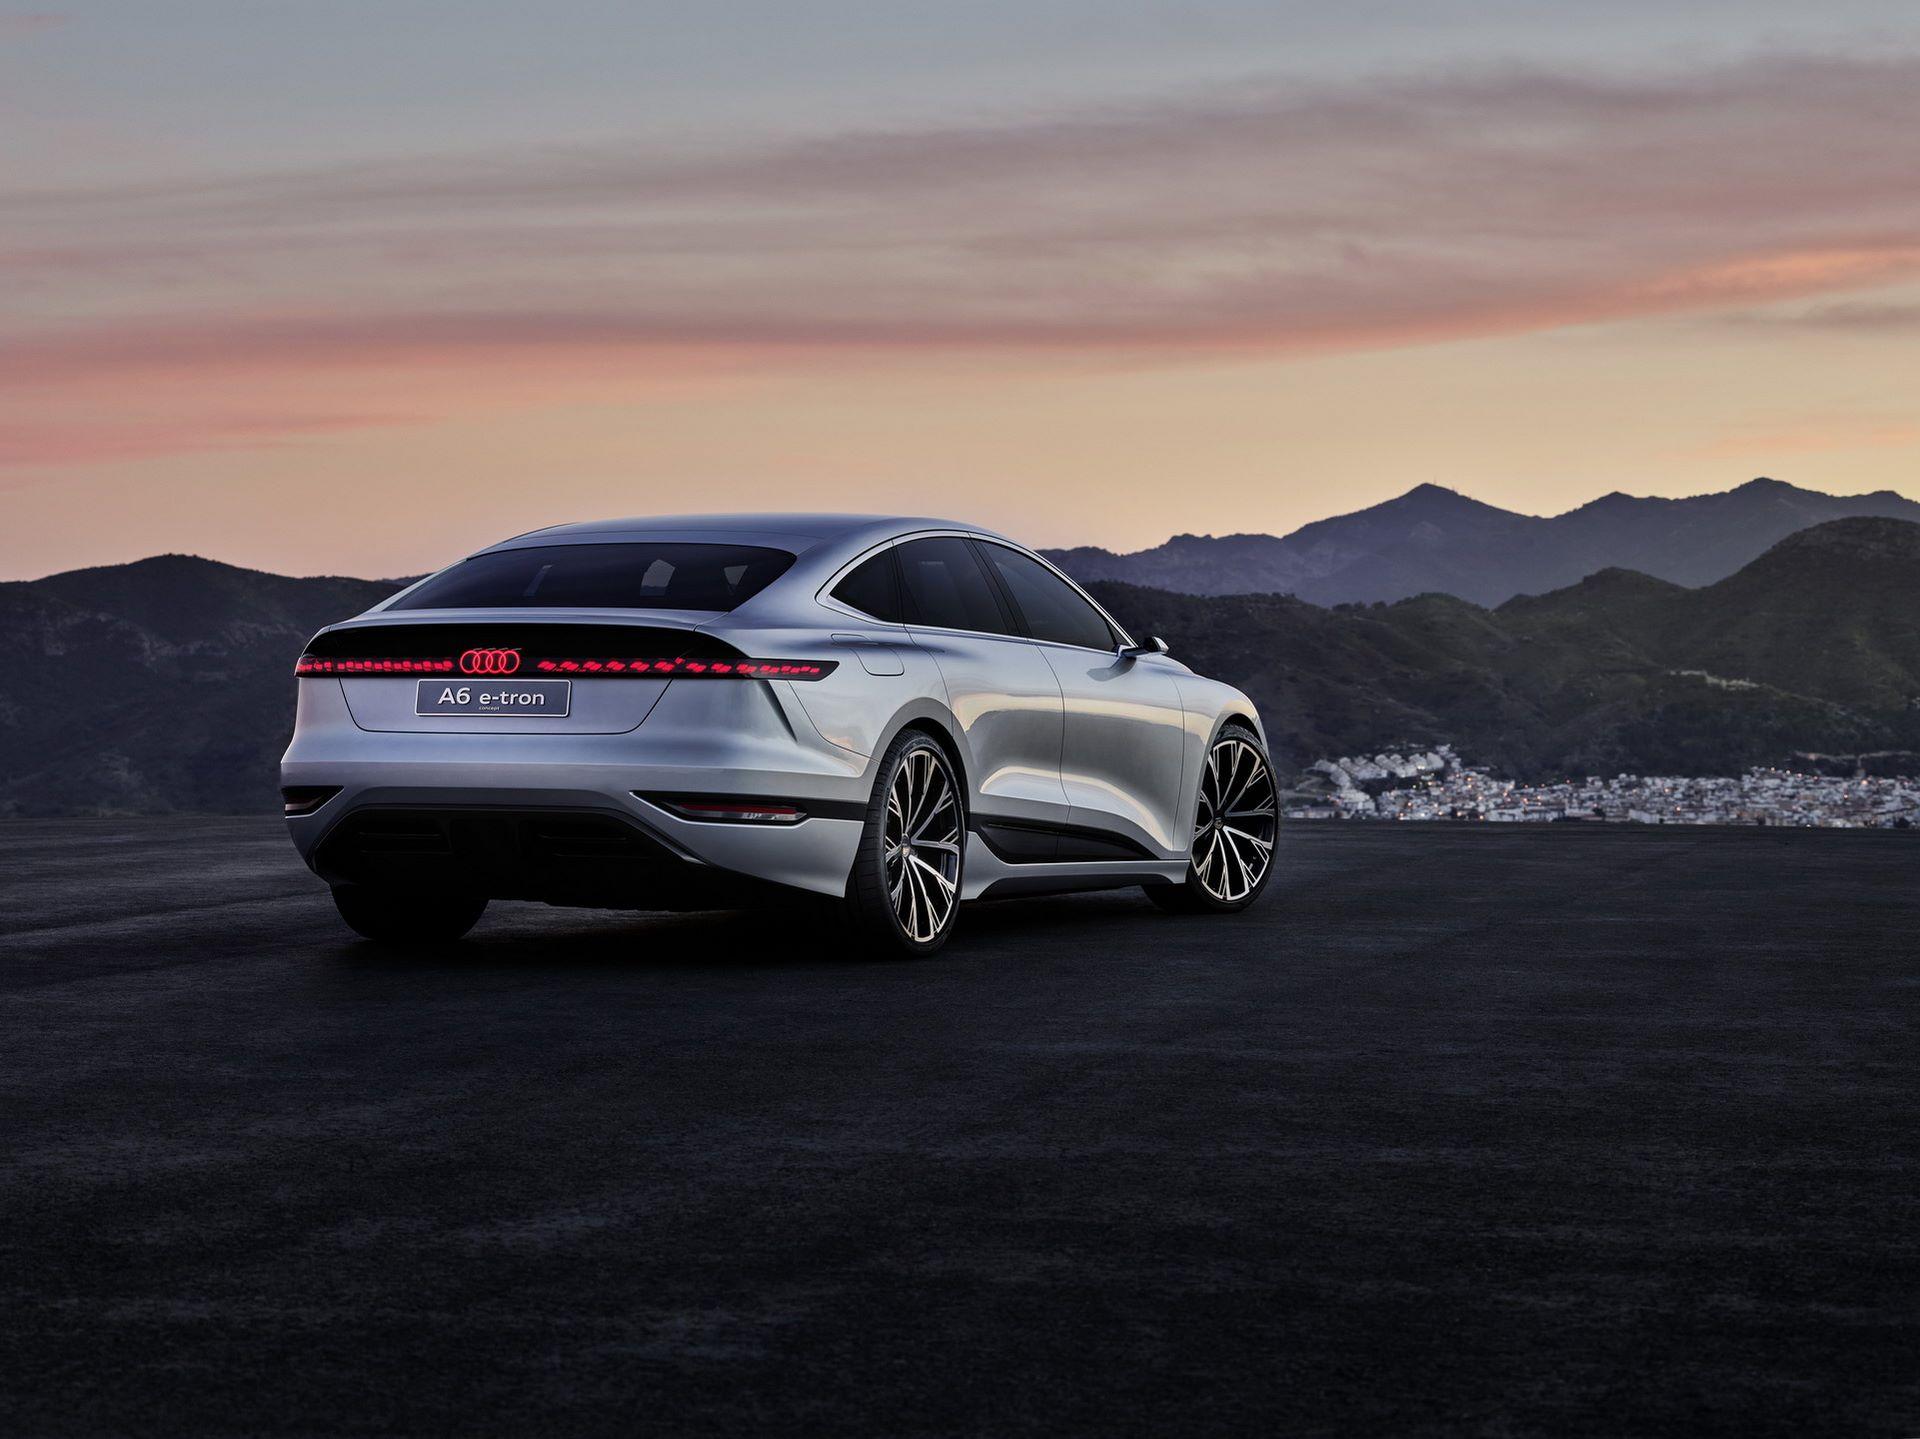 Audi-A6-e-tron-concept-12